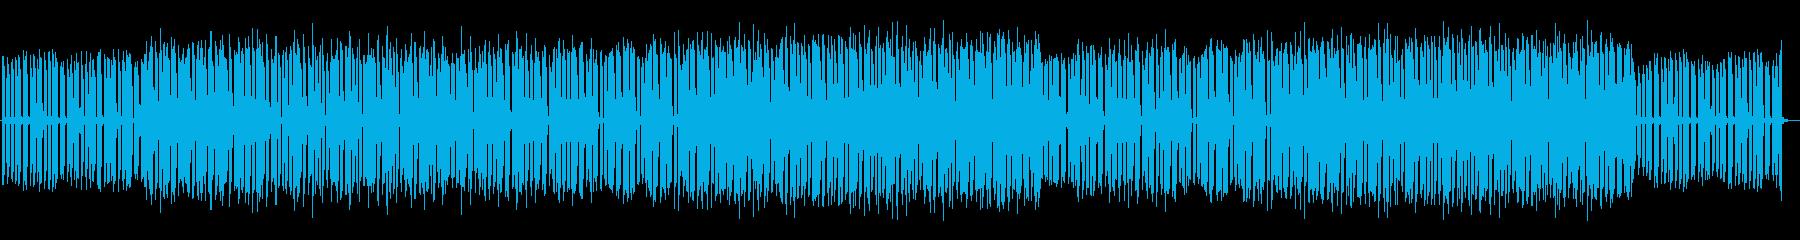 軽快で元気、前向きなハウス・エレクトロの再生済みの波形